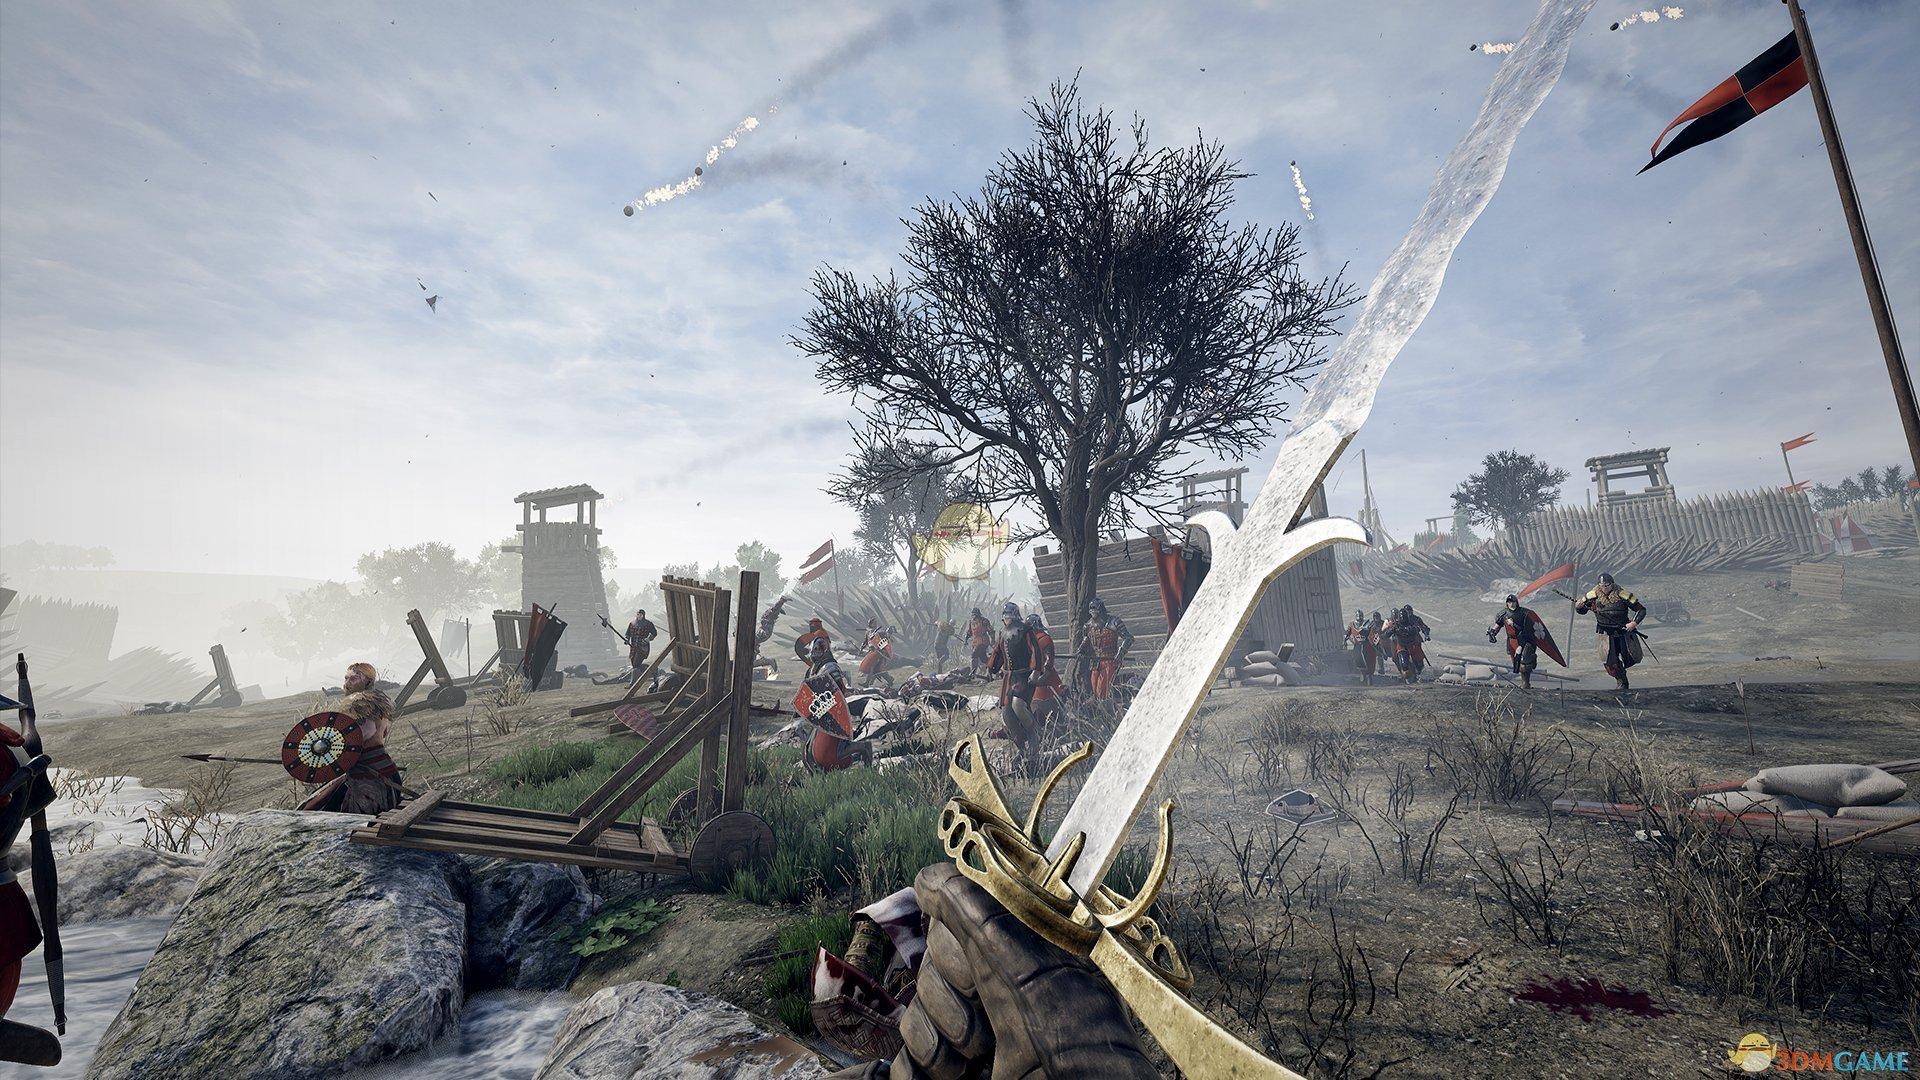 《雷霆一击(MORDHAU)》游戏攻击角度分享